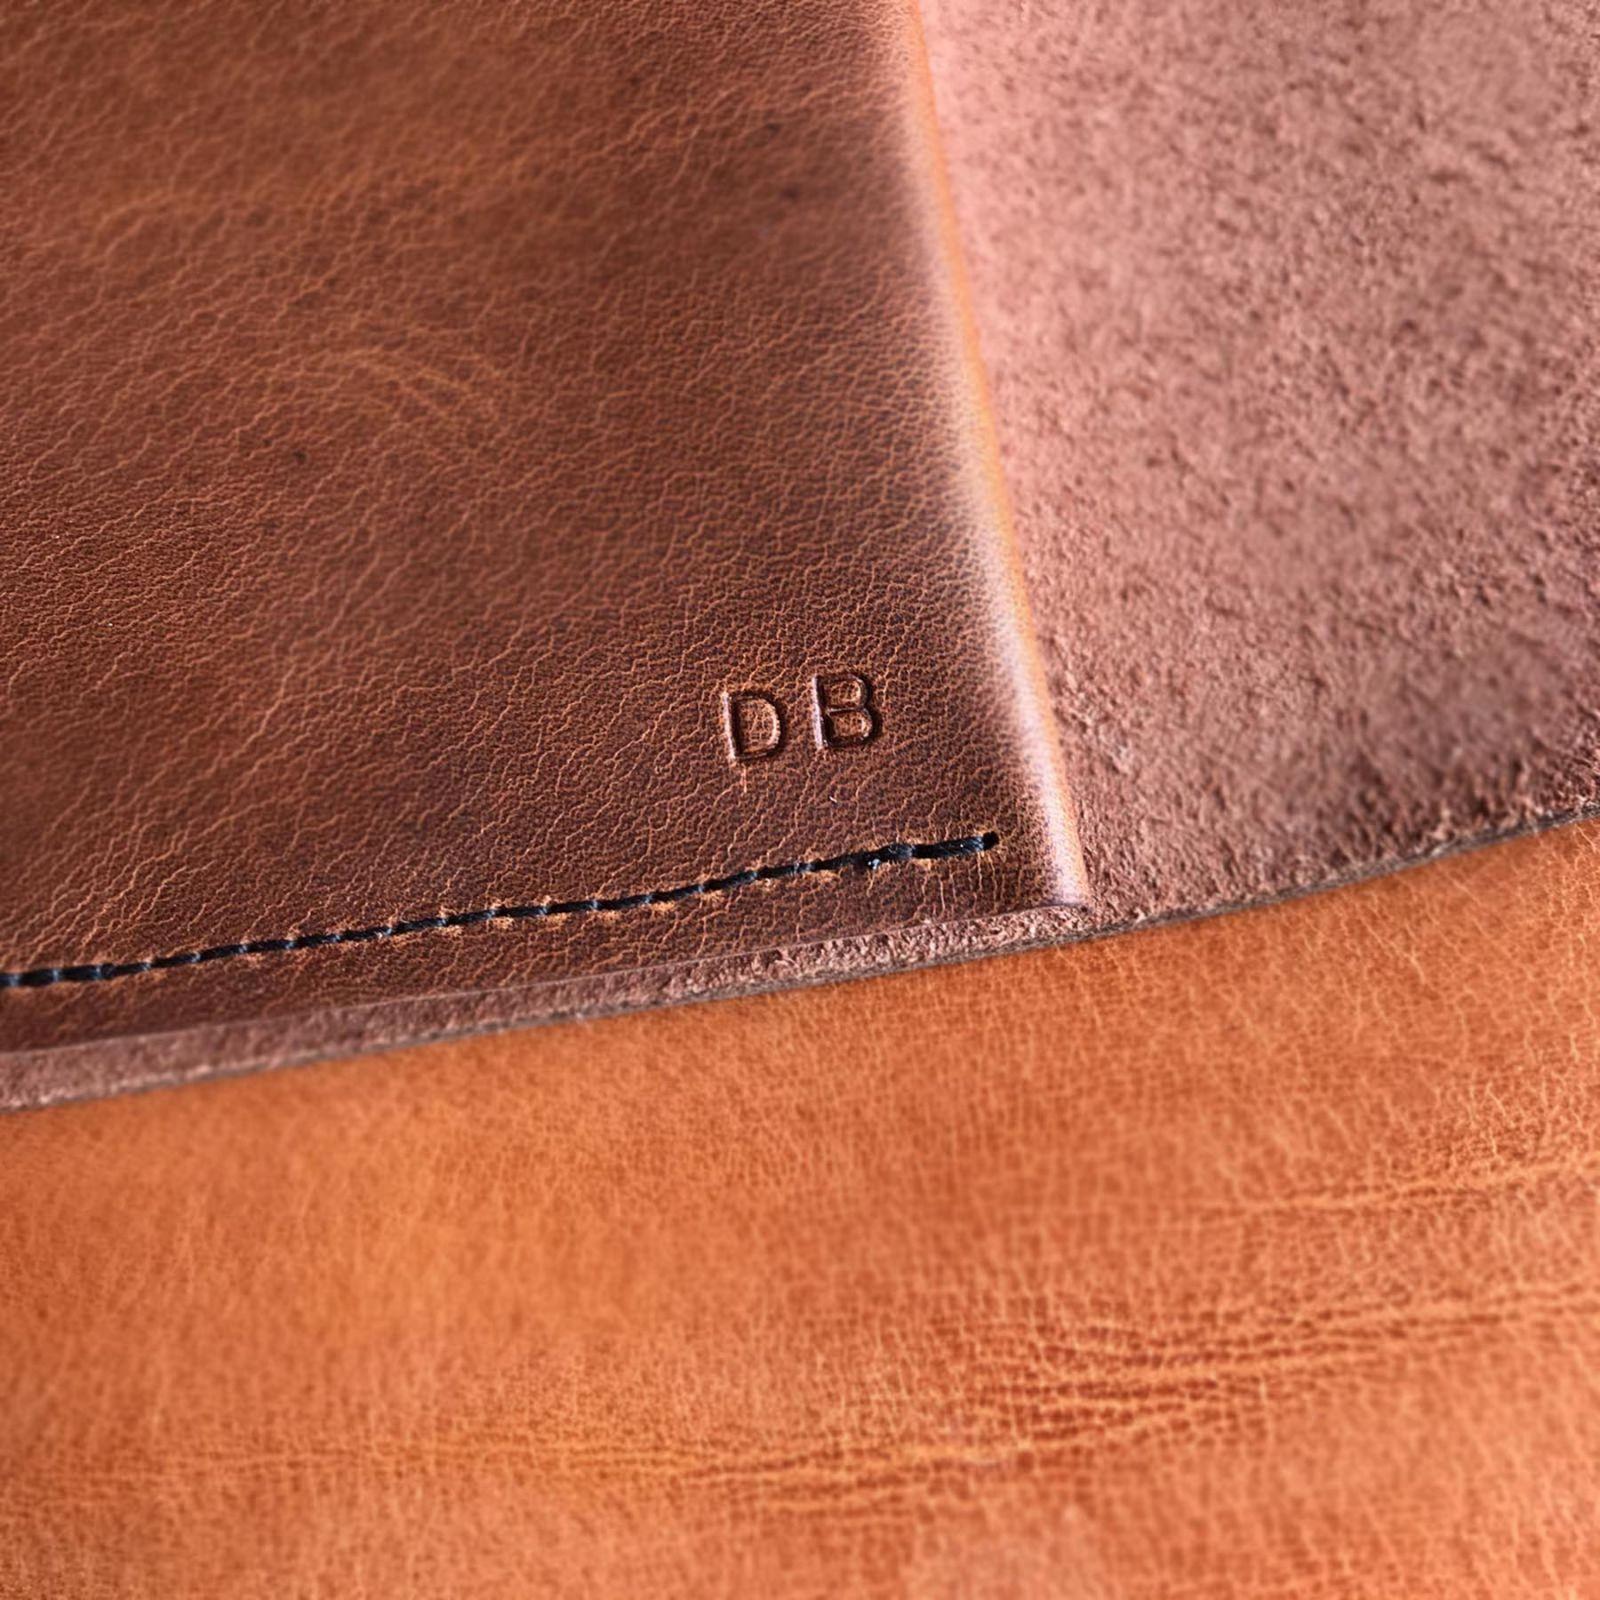 ruda vyriska odine uzrasine odinis dienorastis ranku dabo naturalio odos  vyrams  dovanos vyrui vaikinui broliui gimtadienio proga 19